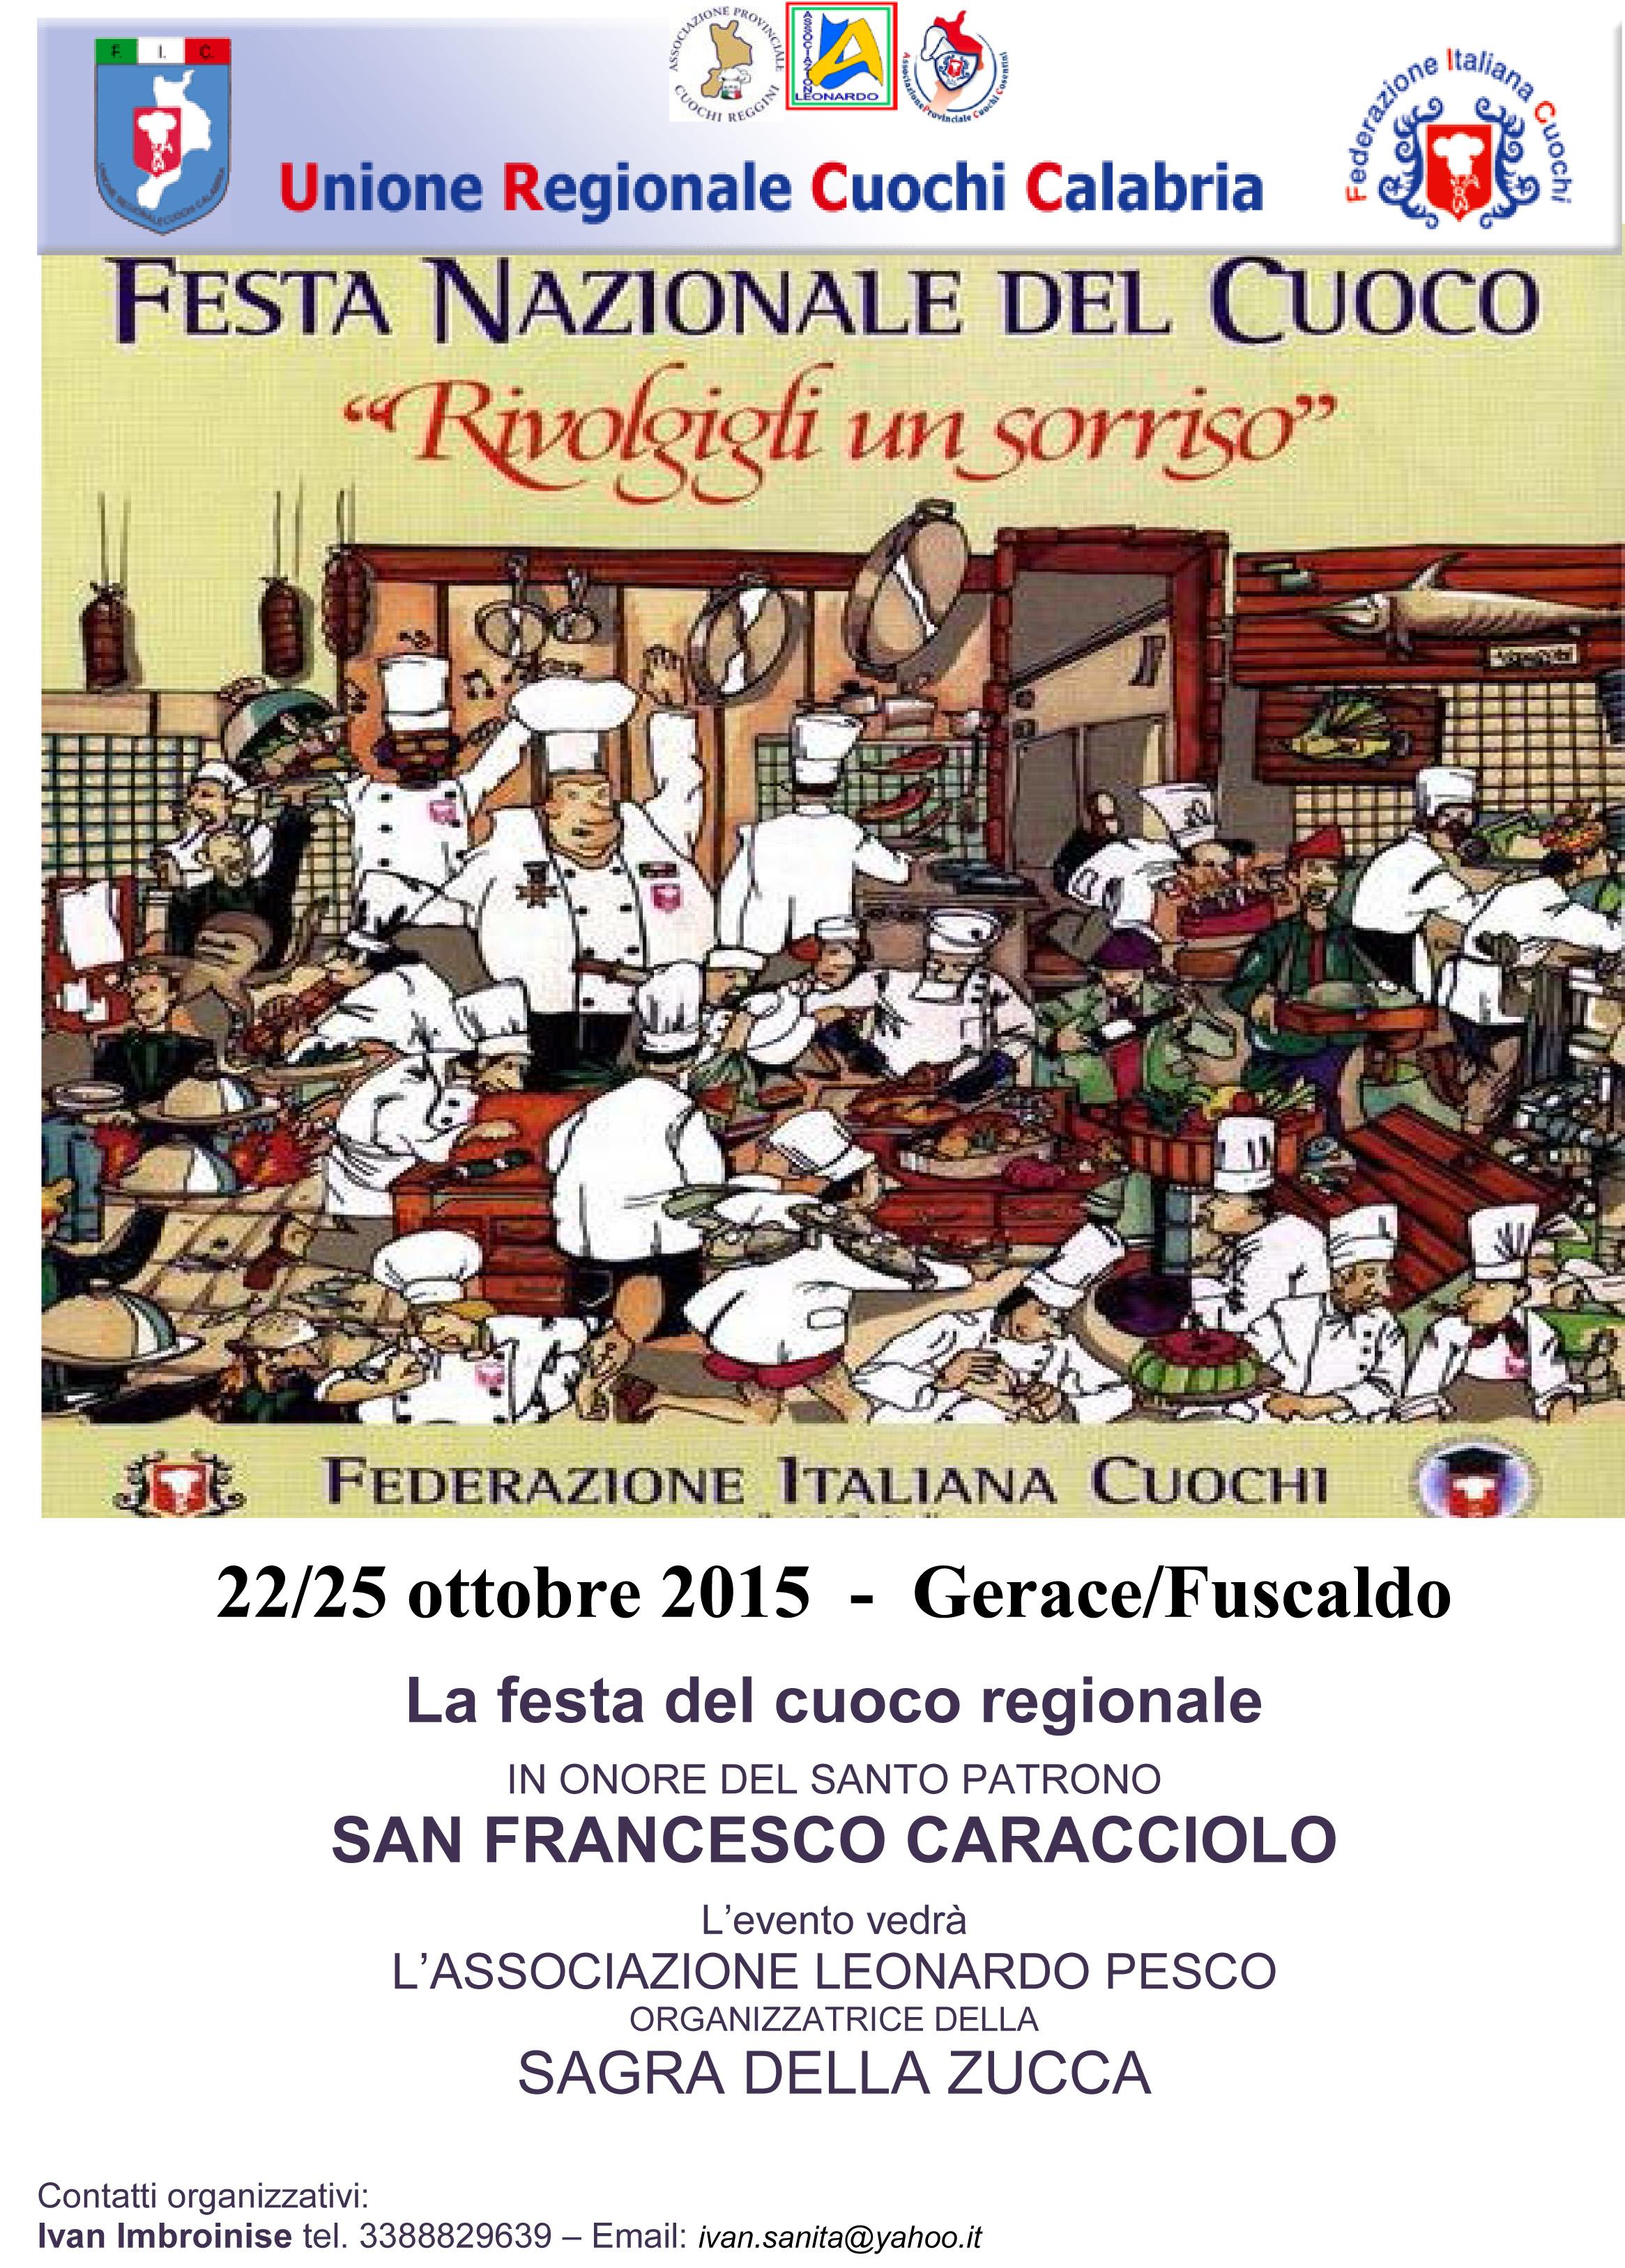 PROGRAMMA FESTA DEL CUOCO 2011 - TAVERNA